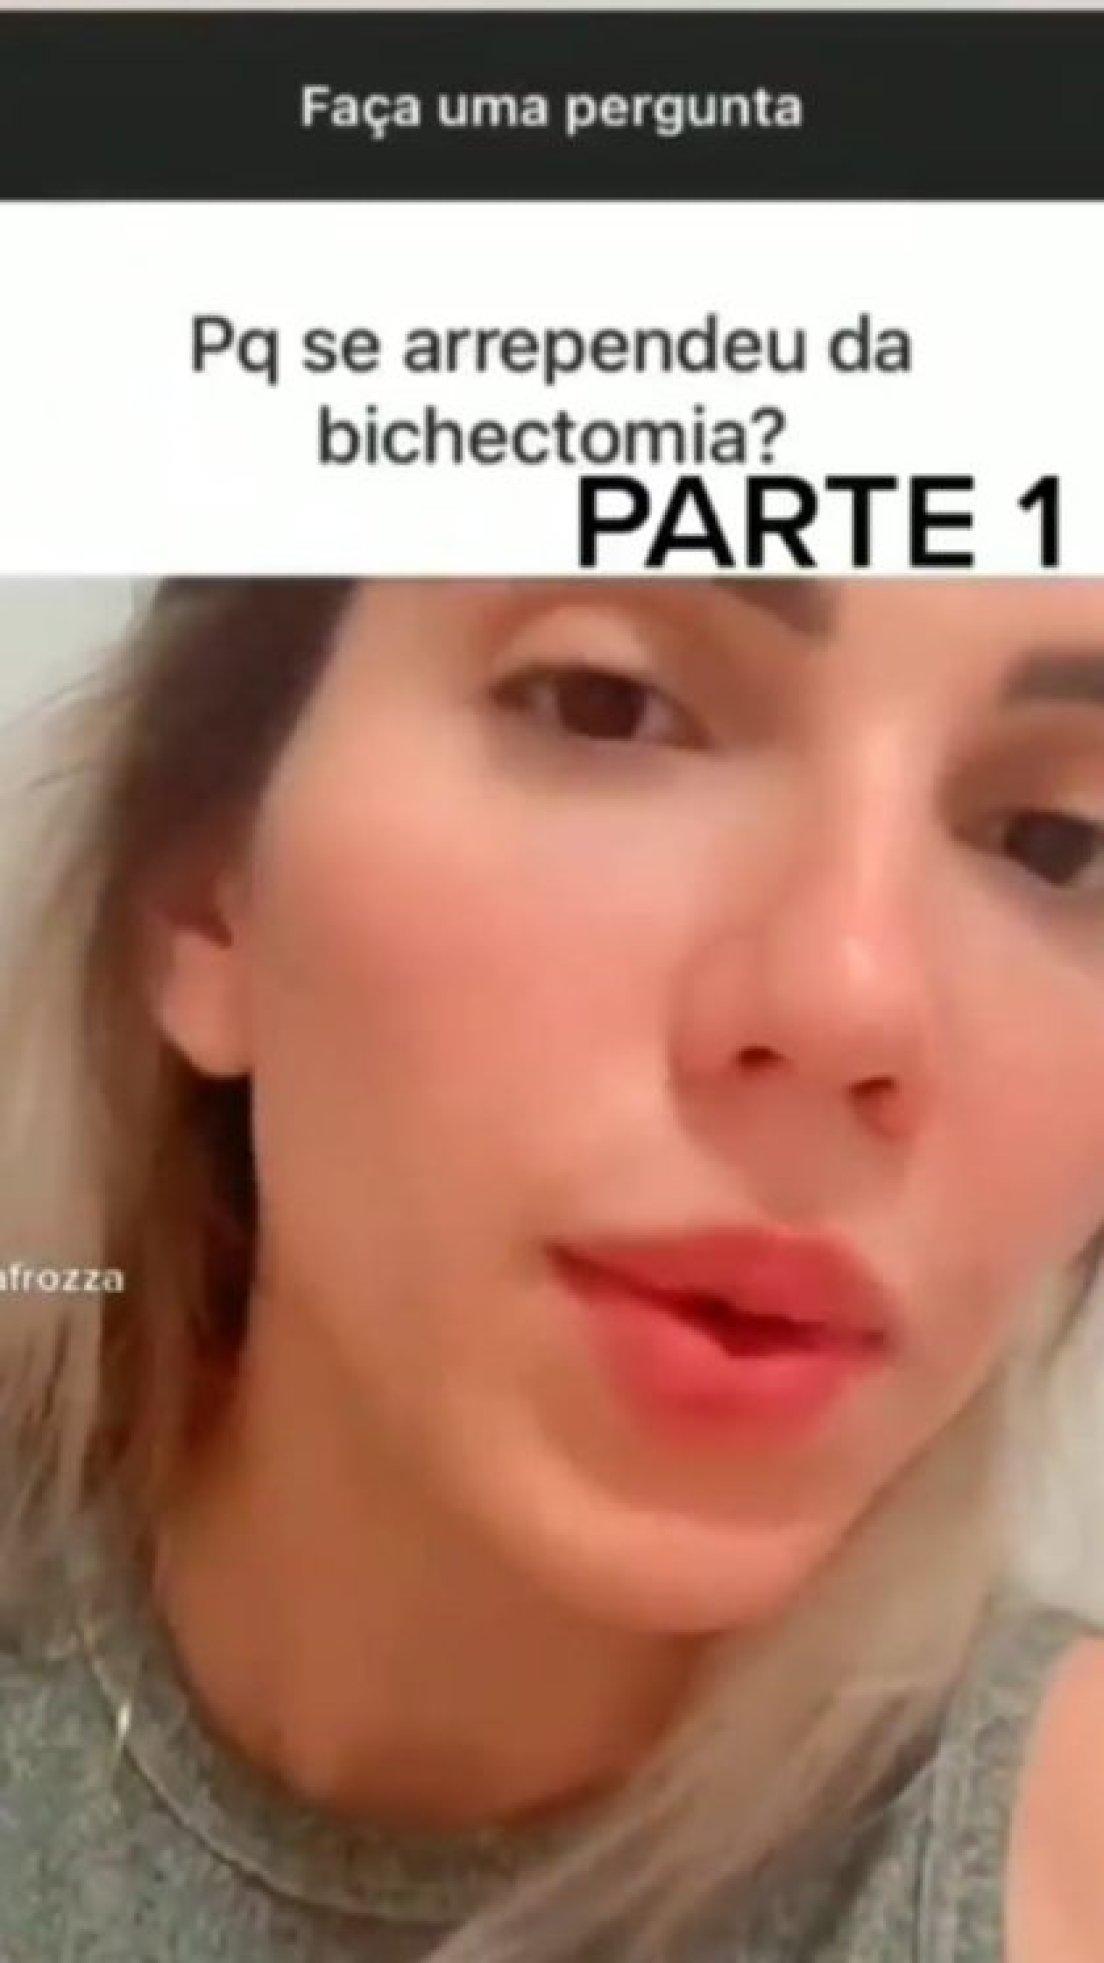 La tiktoker comentó a través de un video que se arrepiente de haberse realizado la bichectomía y que hasta el día de hoy sigue en tratamiento para mejorar la apariencia de su rostro (Foto: Captura de pantalla/ Instagram @mafaldamc2019)